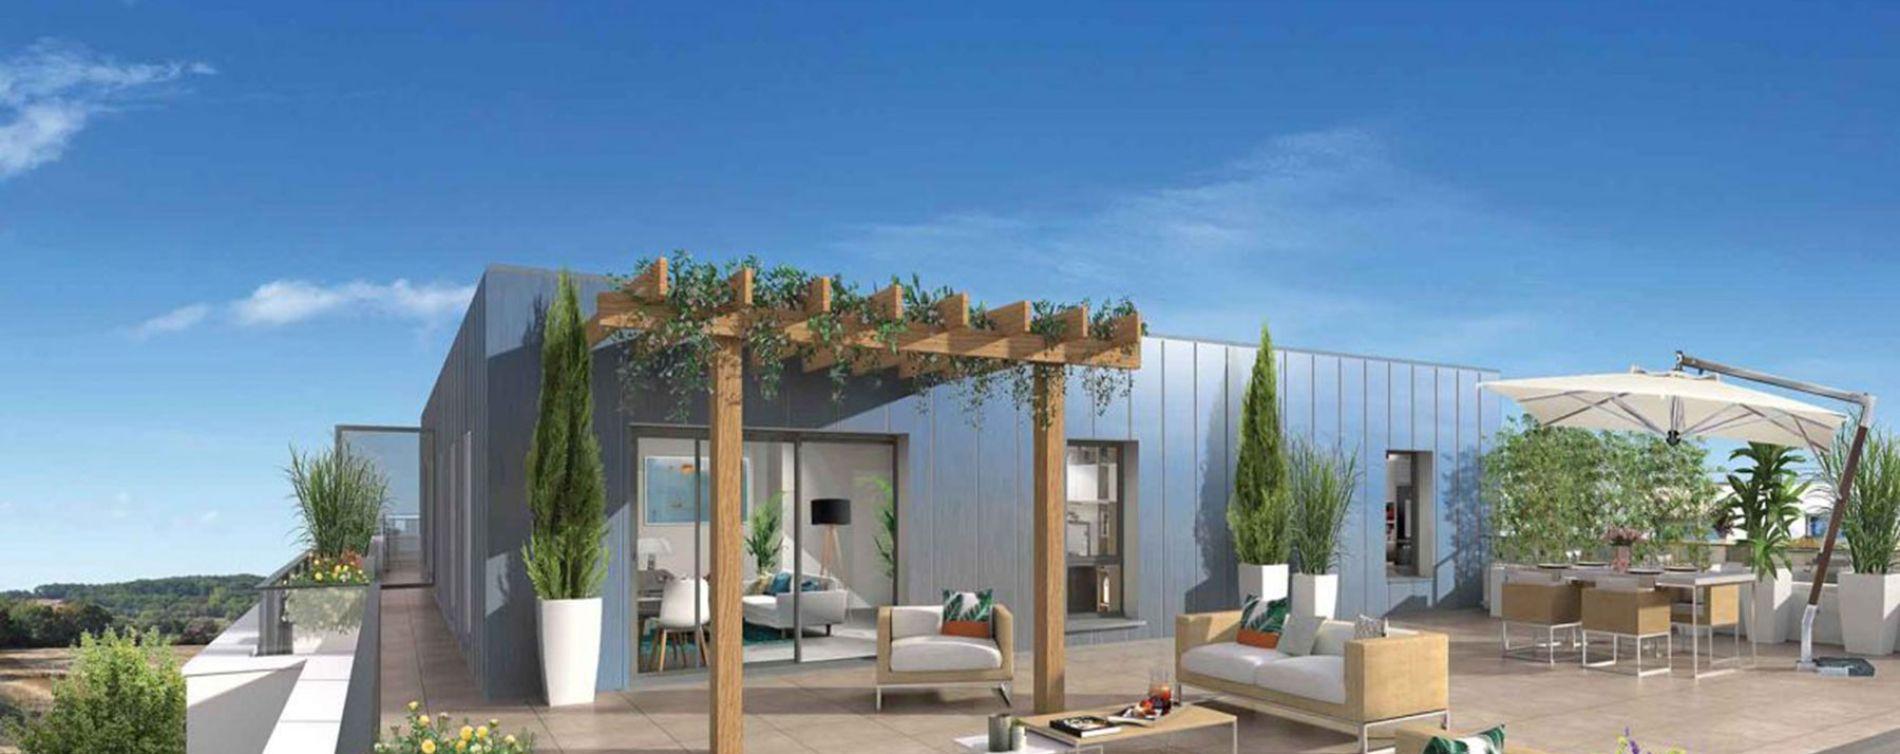 Roncq : programme immobilier neuve « Les Terrasses d'Organdi » (2)